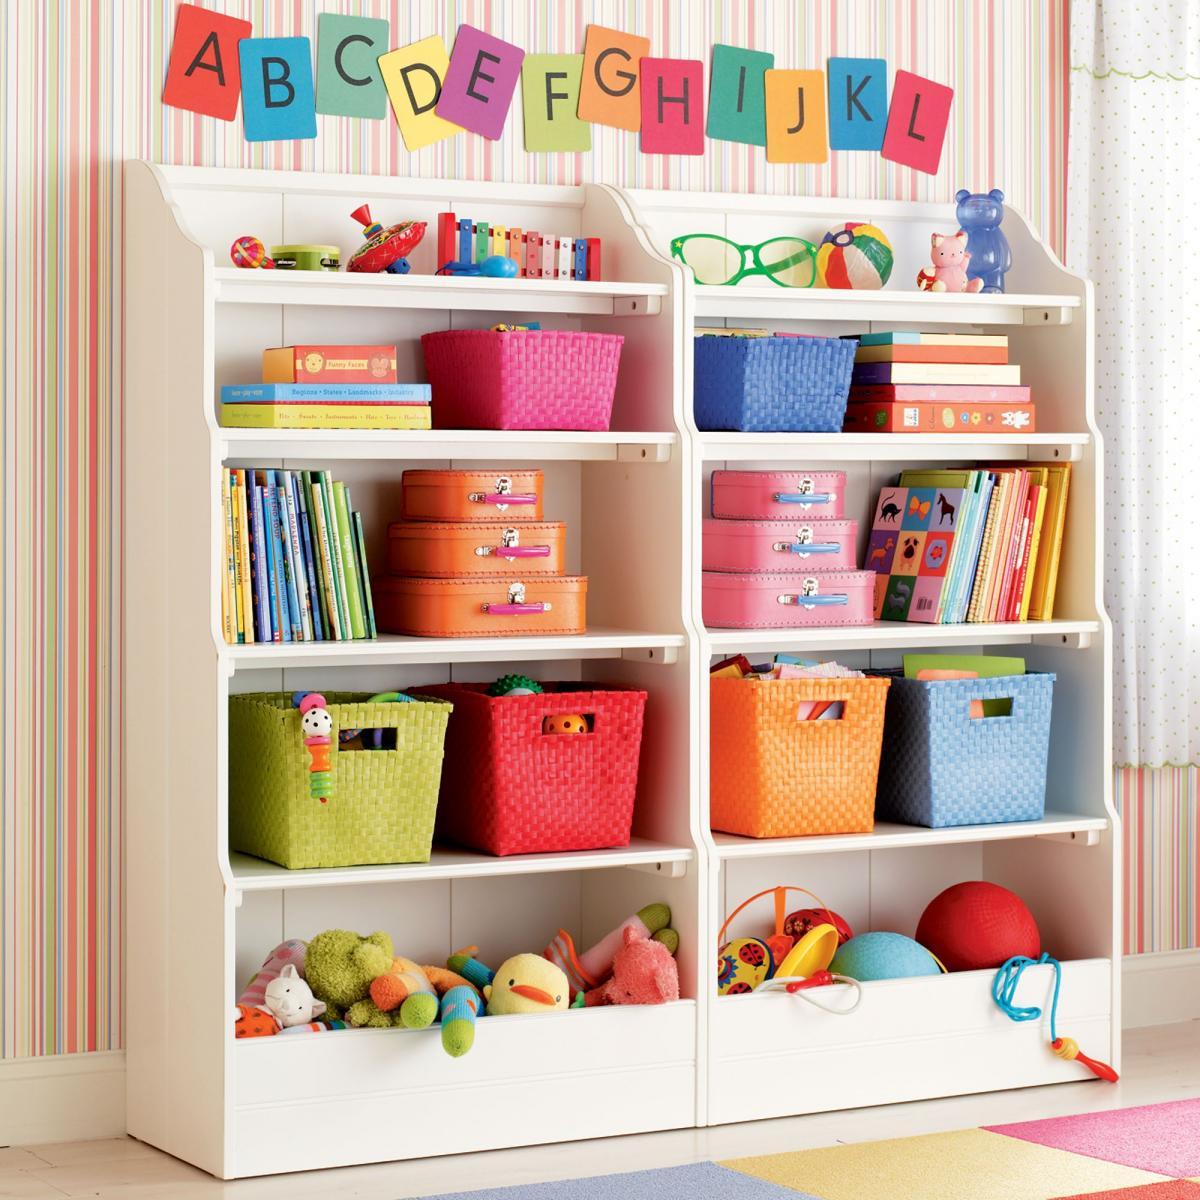 Навесные полочки на стенах в детской комнате